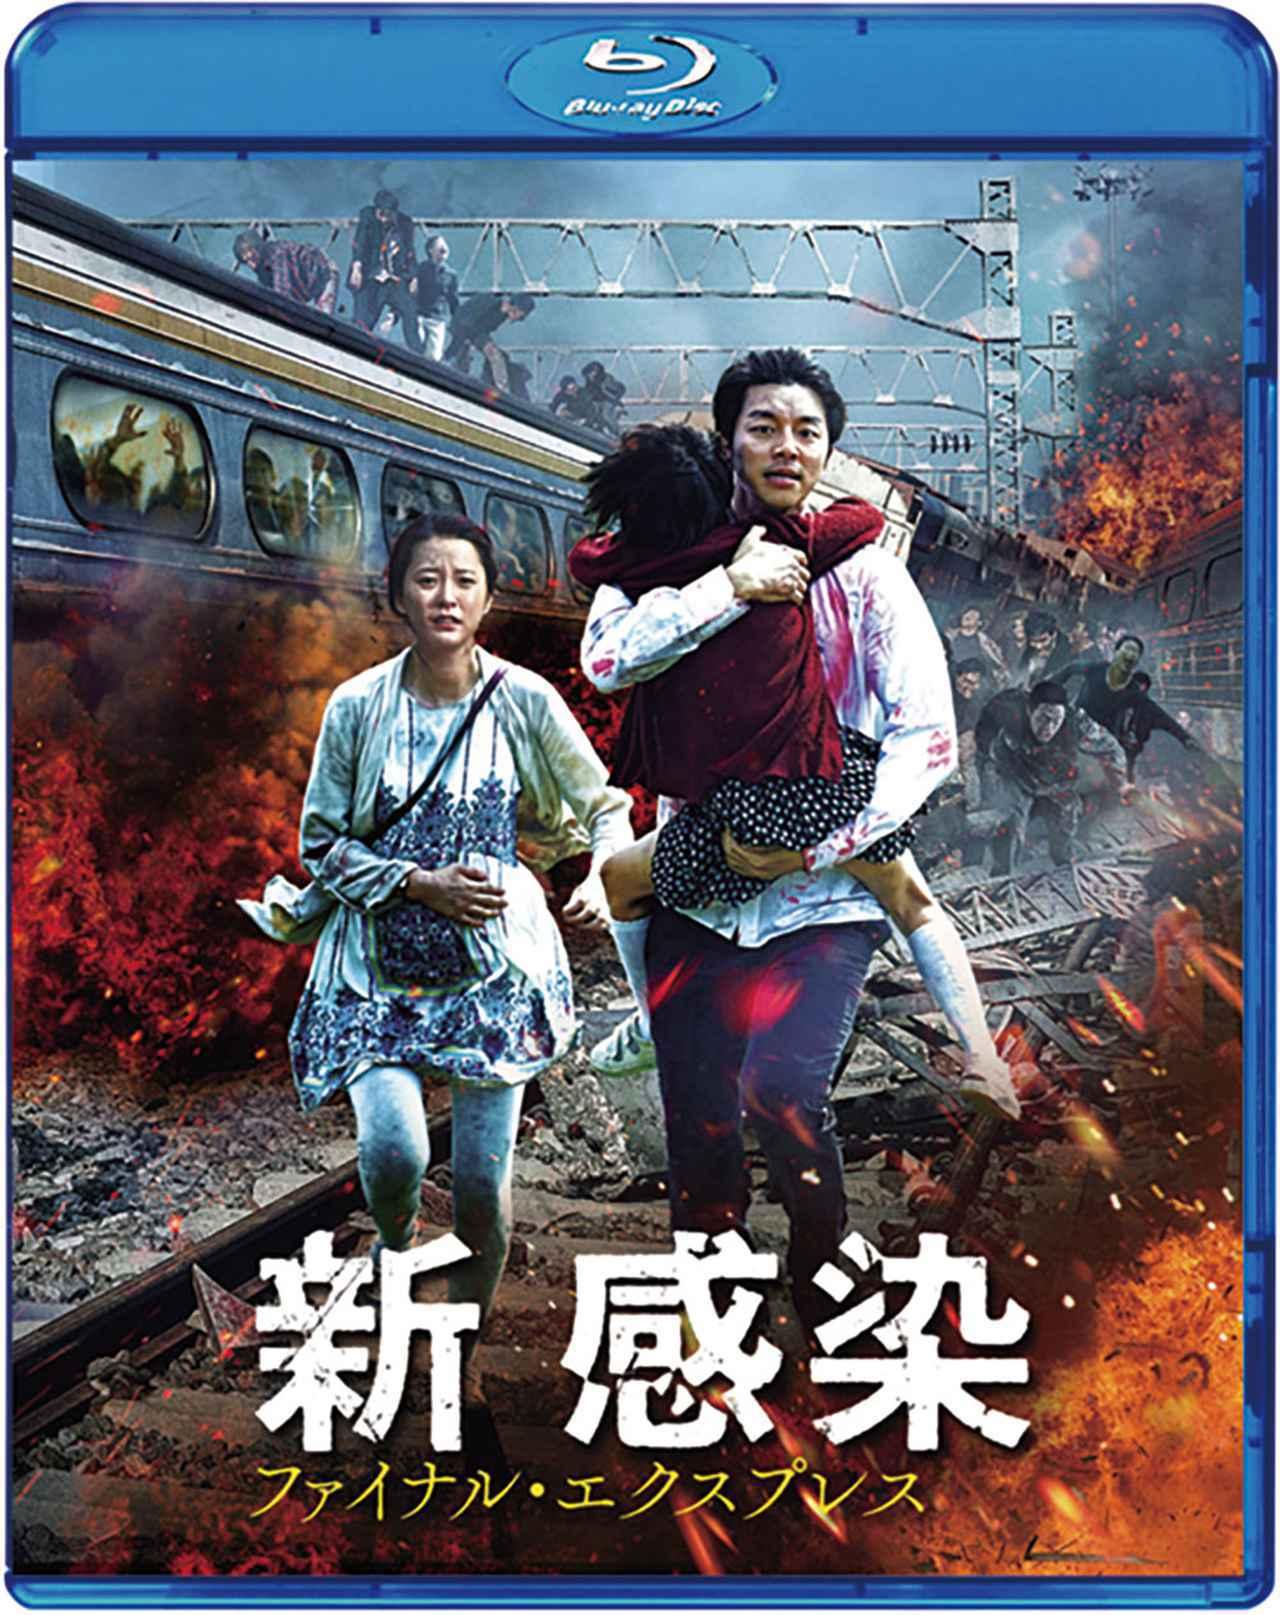 画像: 「新感染 ファイナル・エクスプレス」/ [Blu-ray] 5,170円(税込)/発売・販売元:ツイン © 2016 NEXT ENTERTAINMENT WORLD &REDPETER FILM. All Rights Reserved.